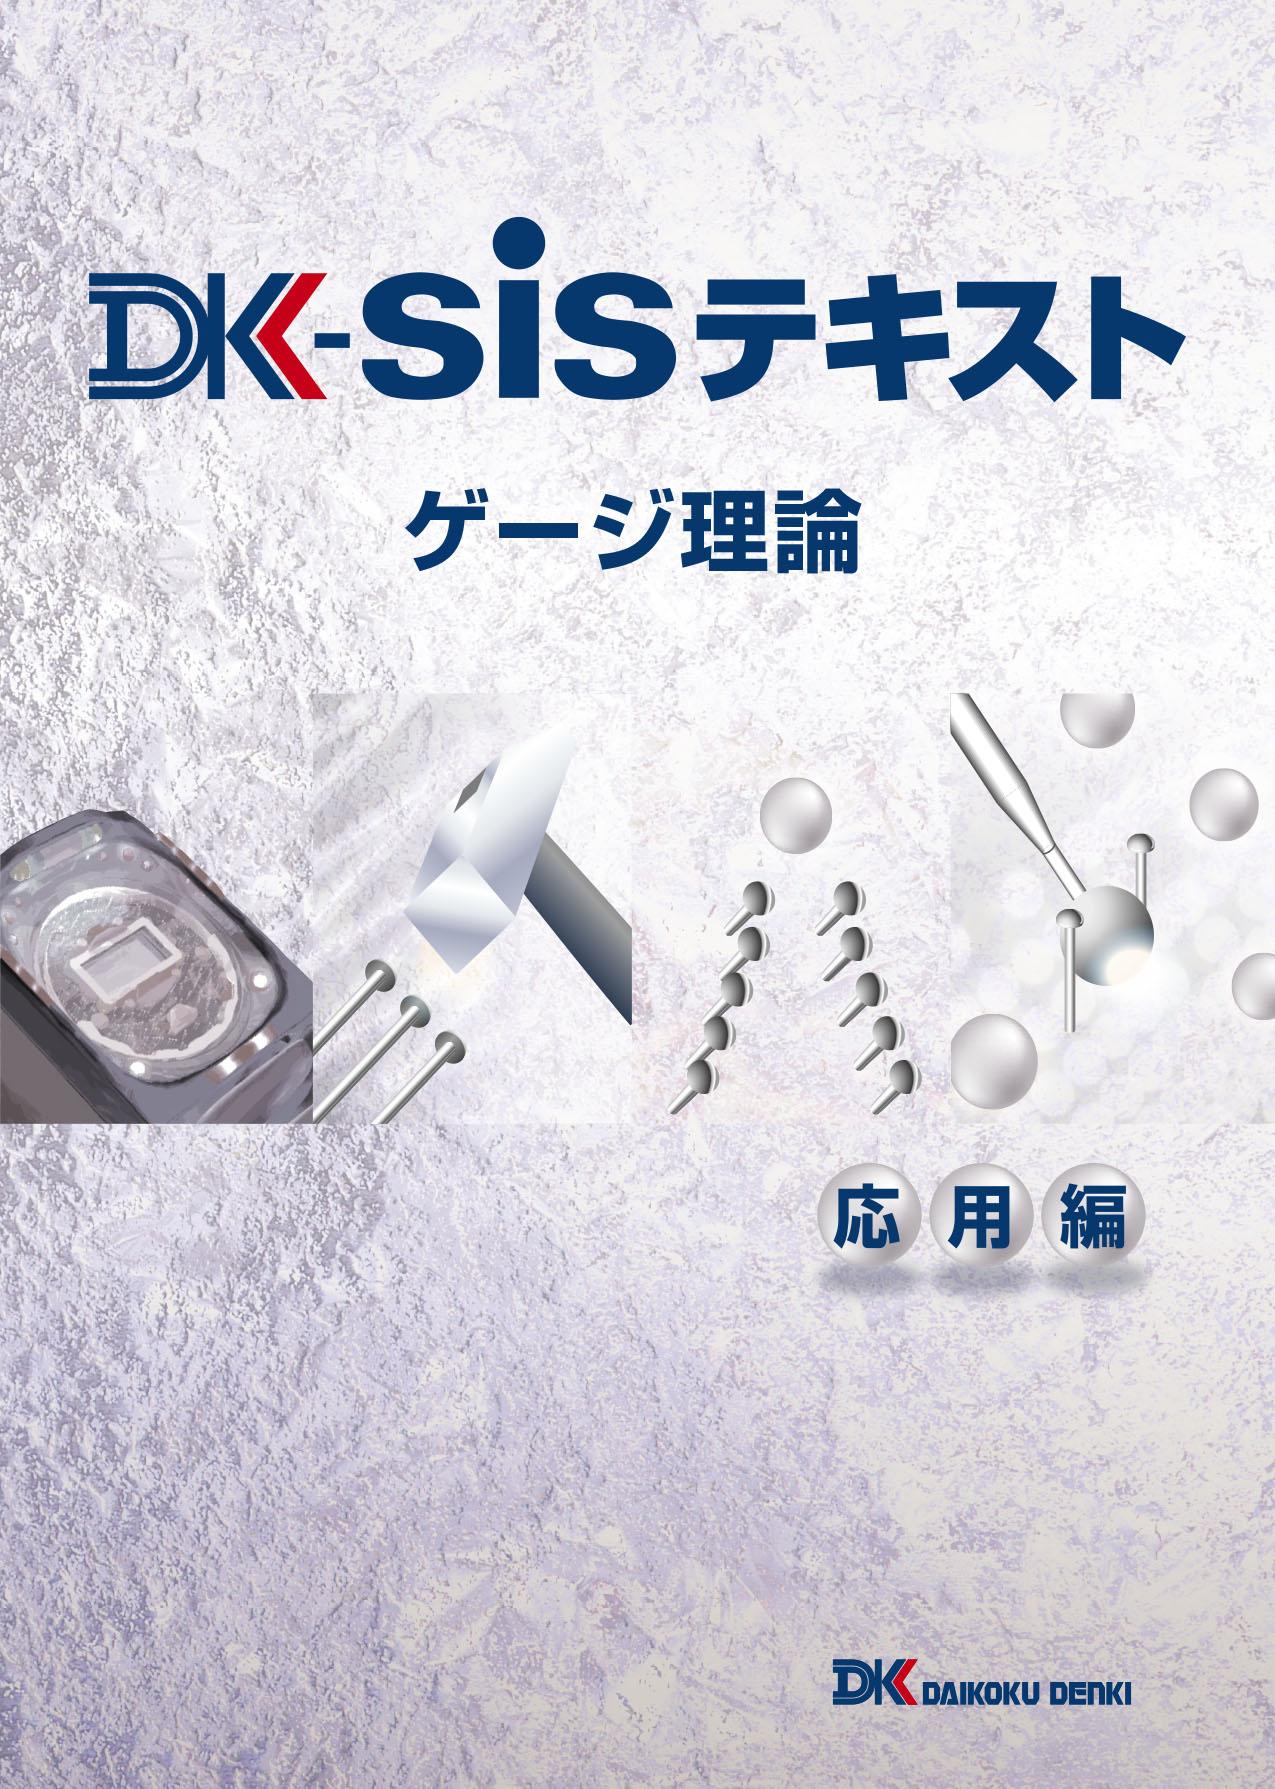 月刊遊技通信 DK-SISテキスト ゲージ理論応用編